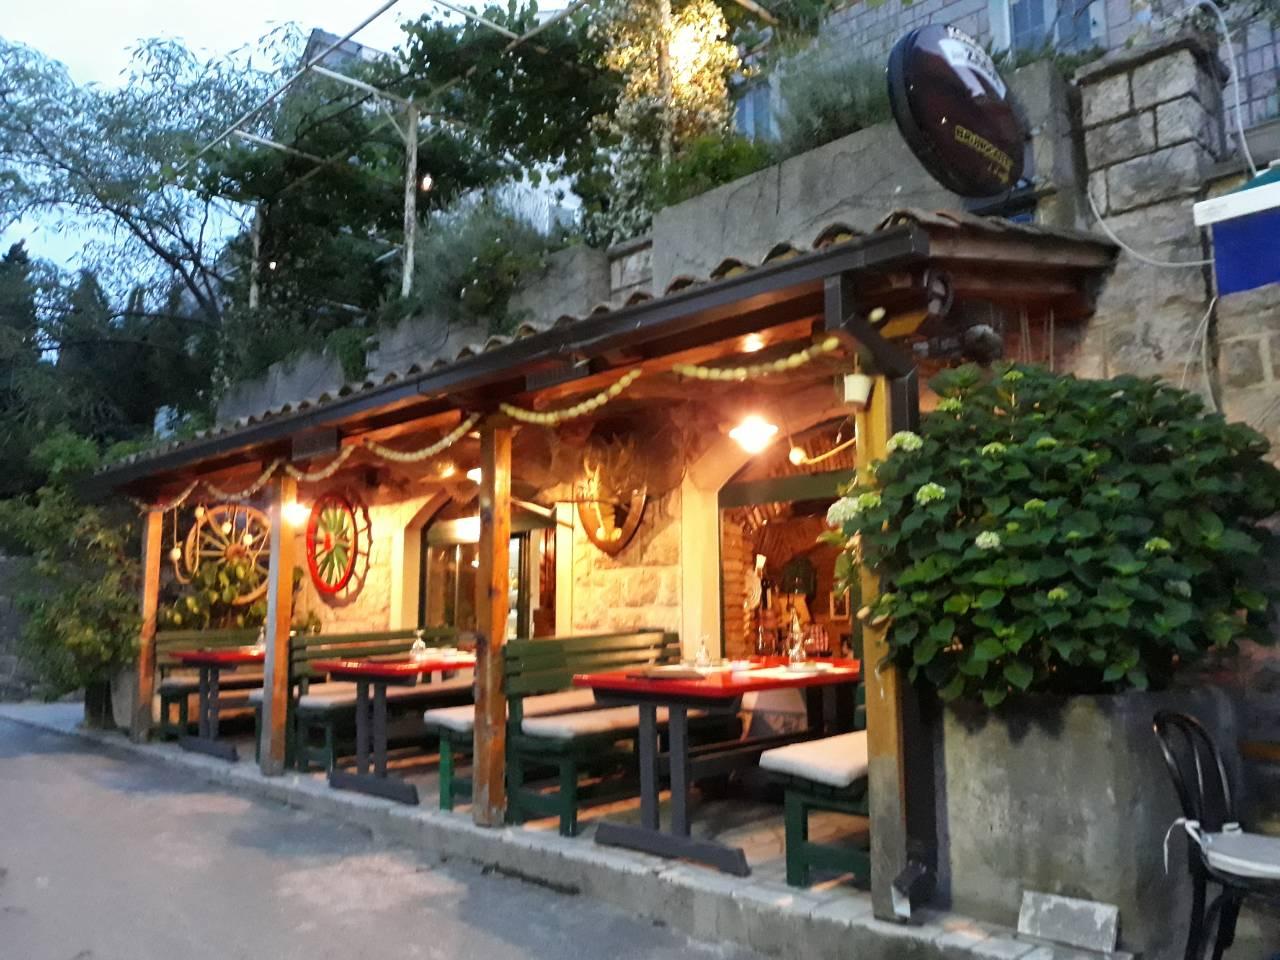 Restaurant Zago in Przno cover photo